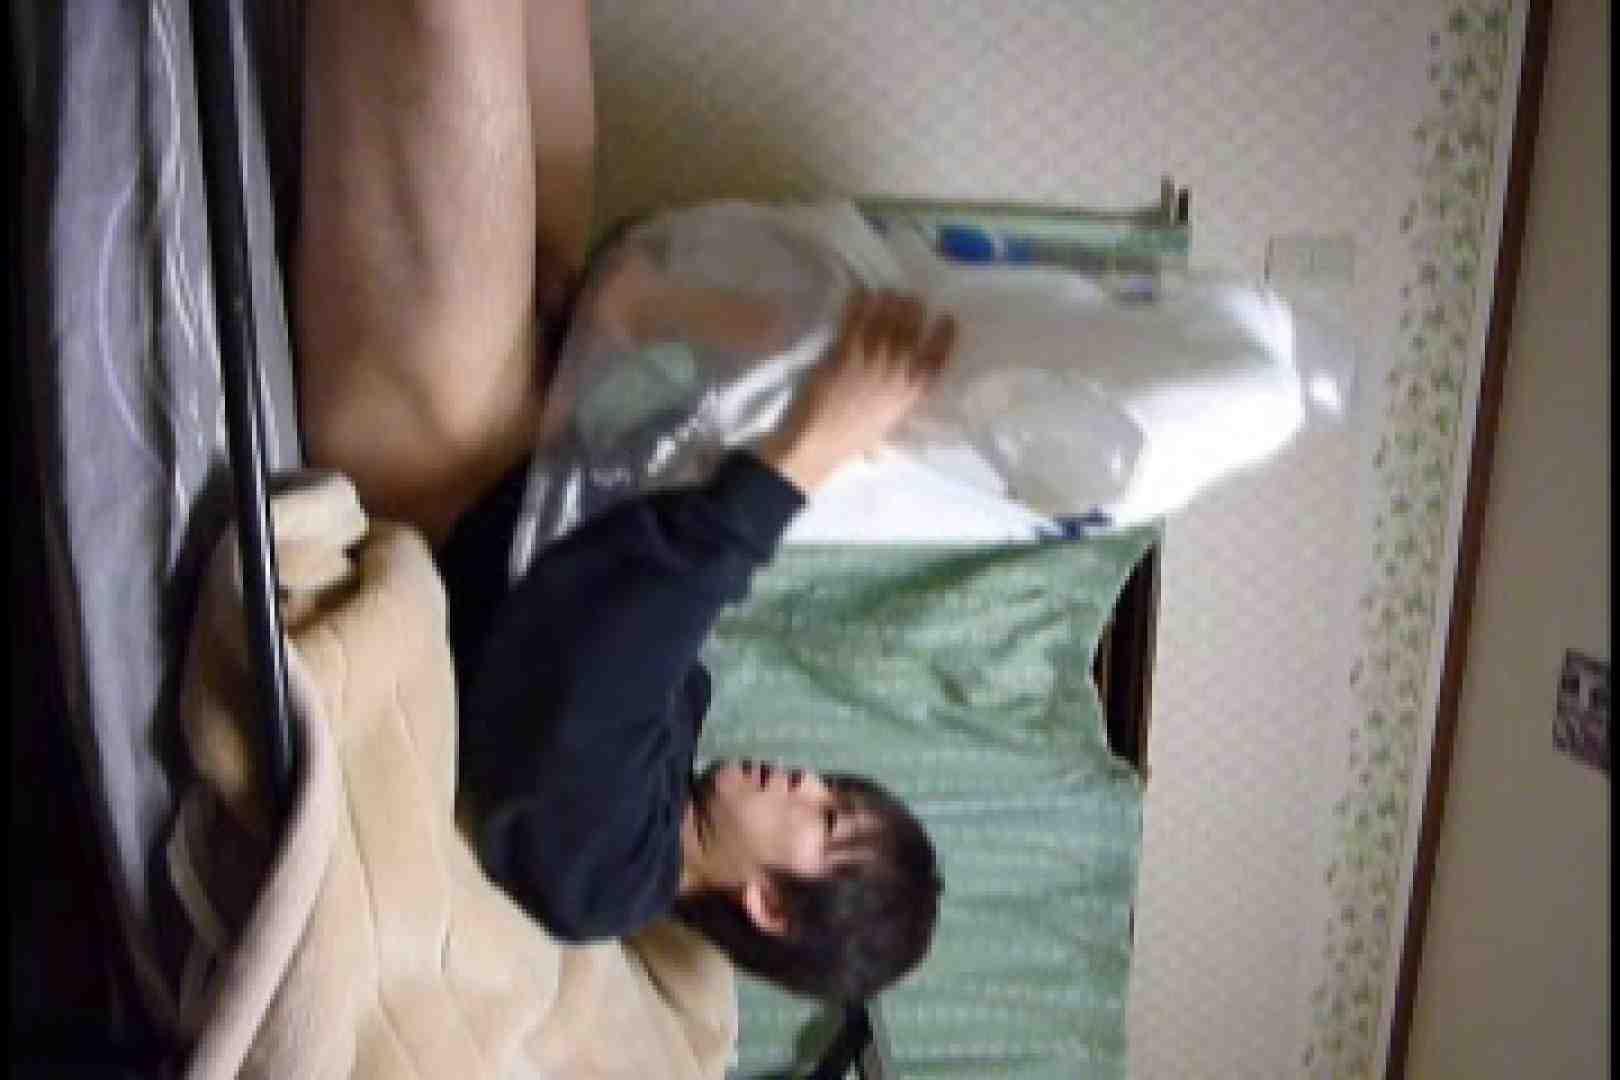 オナ好きノンケテニス部員の自画撮り投稿vol.08 無修正 ゲイセックス画像 102pic 102